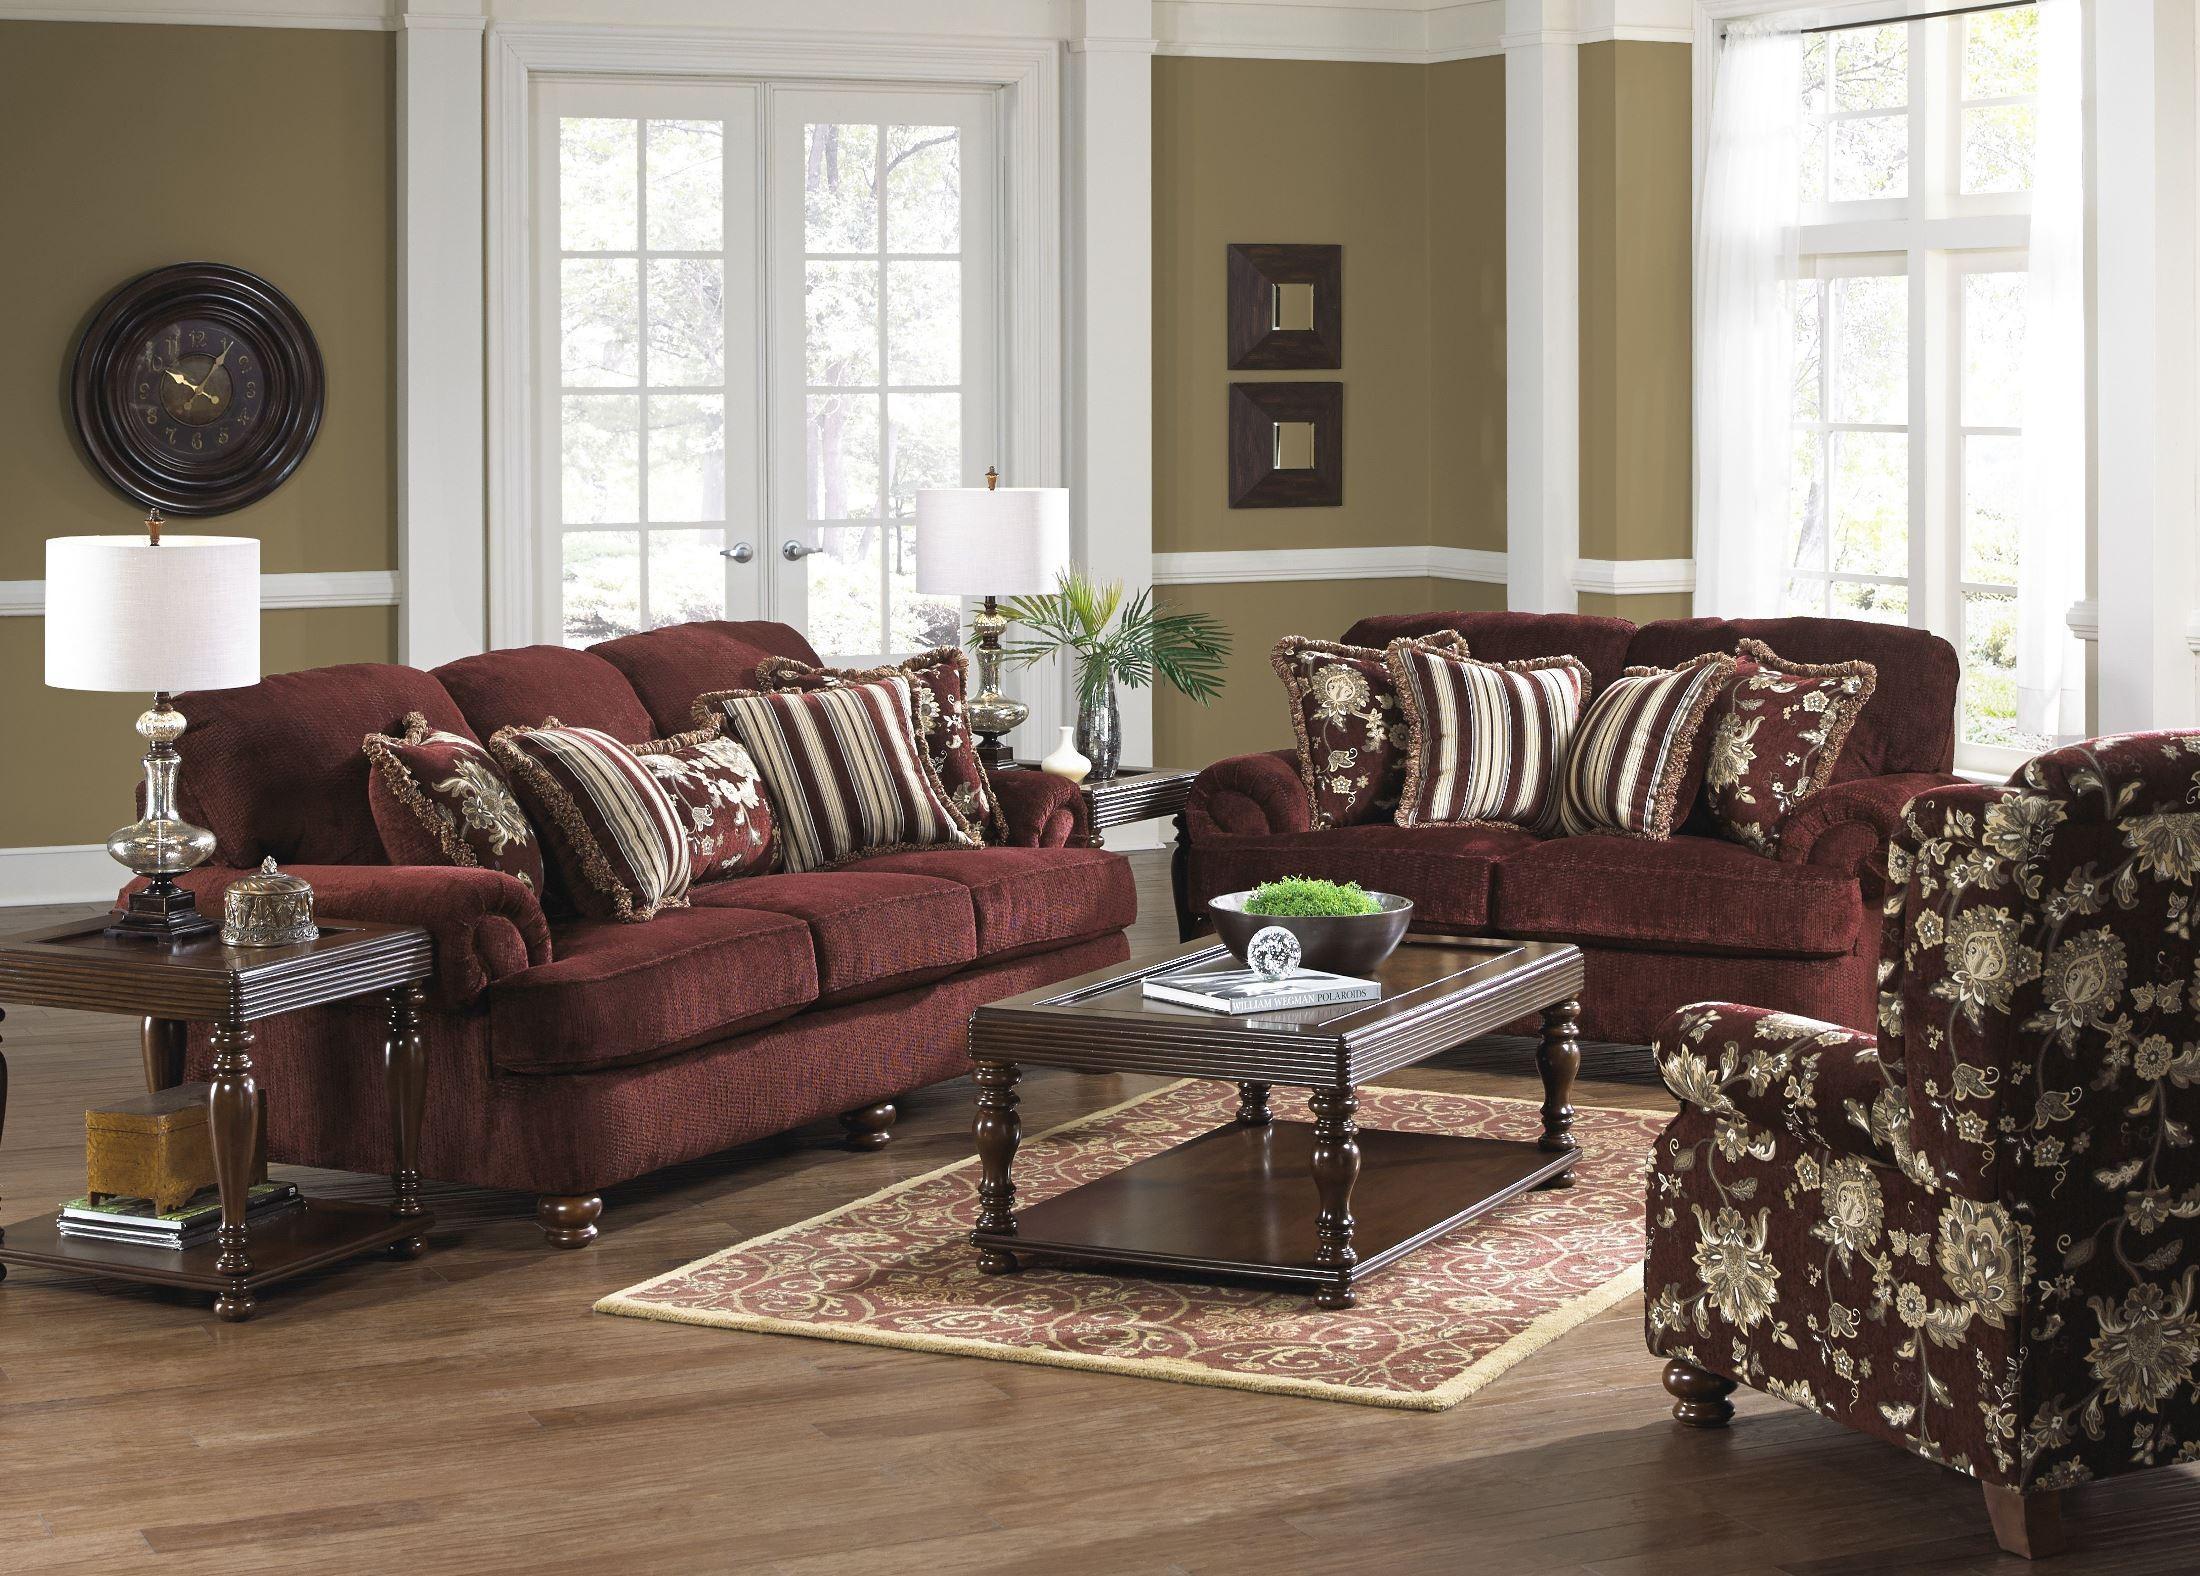 Belmont claret living room set from jackson for Colorful living room furniture sets